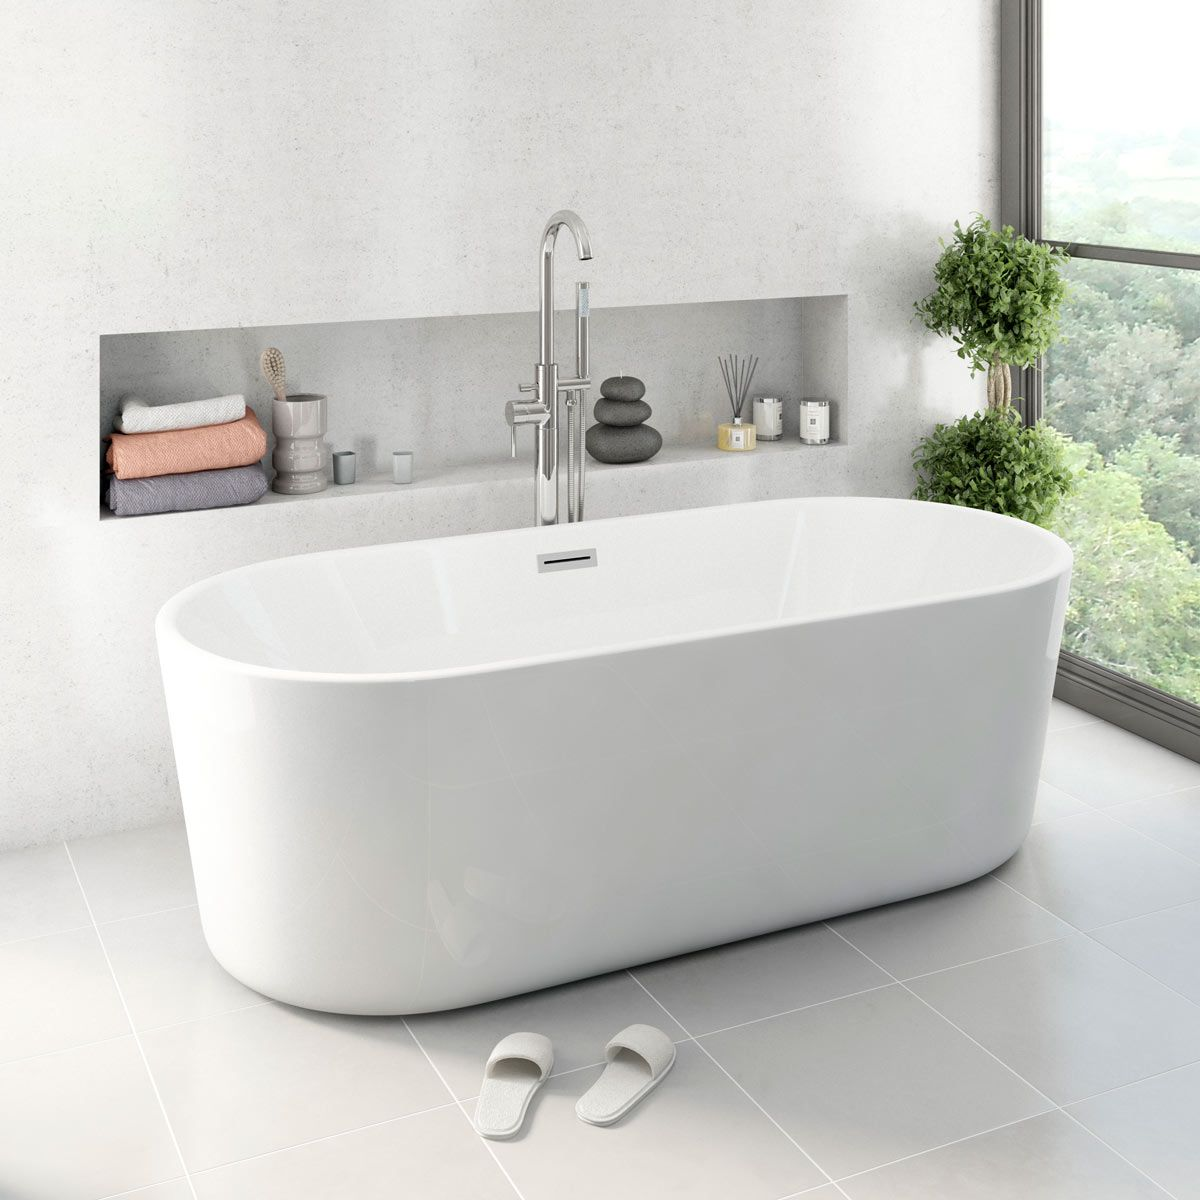 Badezimmer ideen mit wanne mode tate freestanding bath  inneneinrichtungdekoration